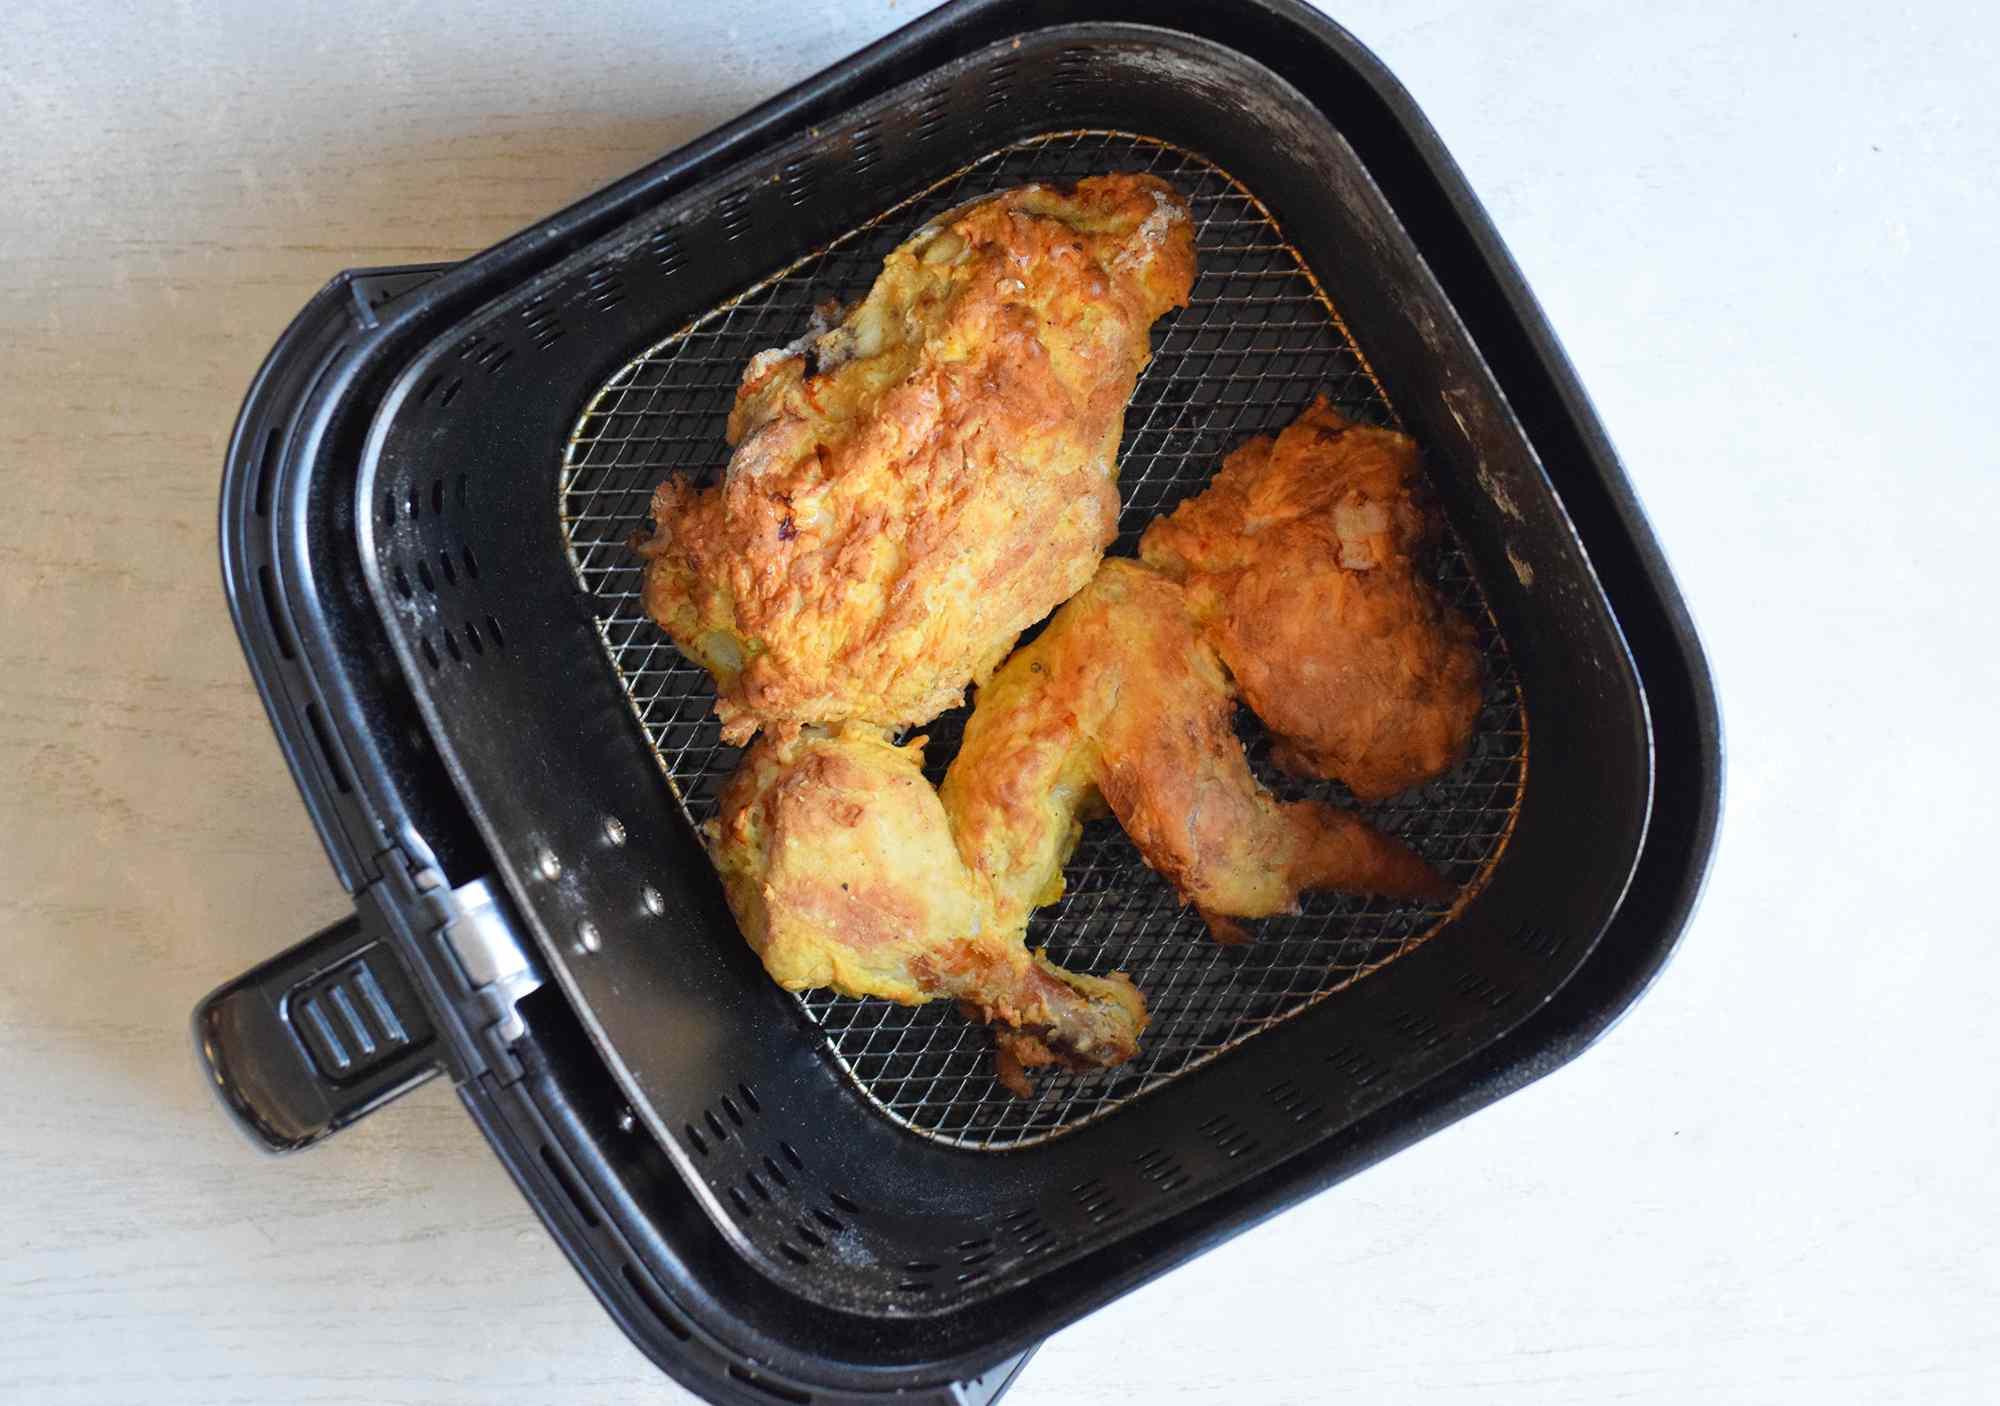 air-fryer-fried-chicken-4777789-09